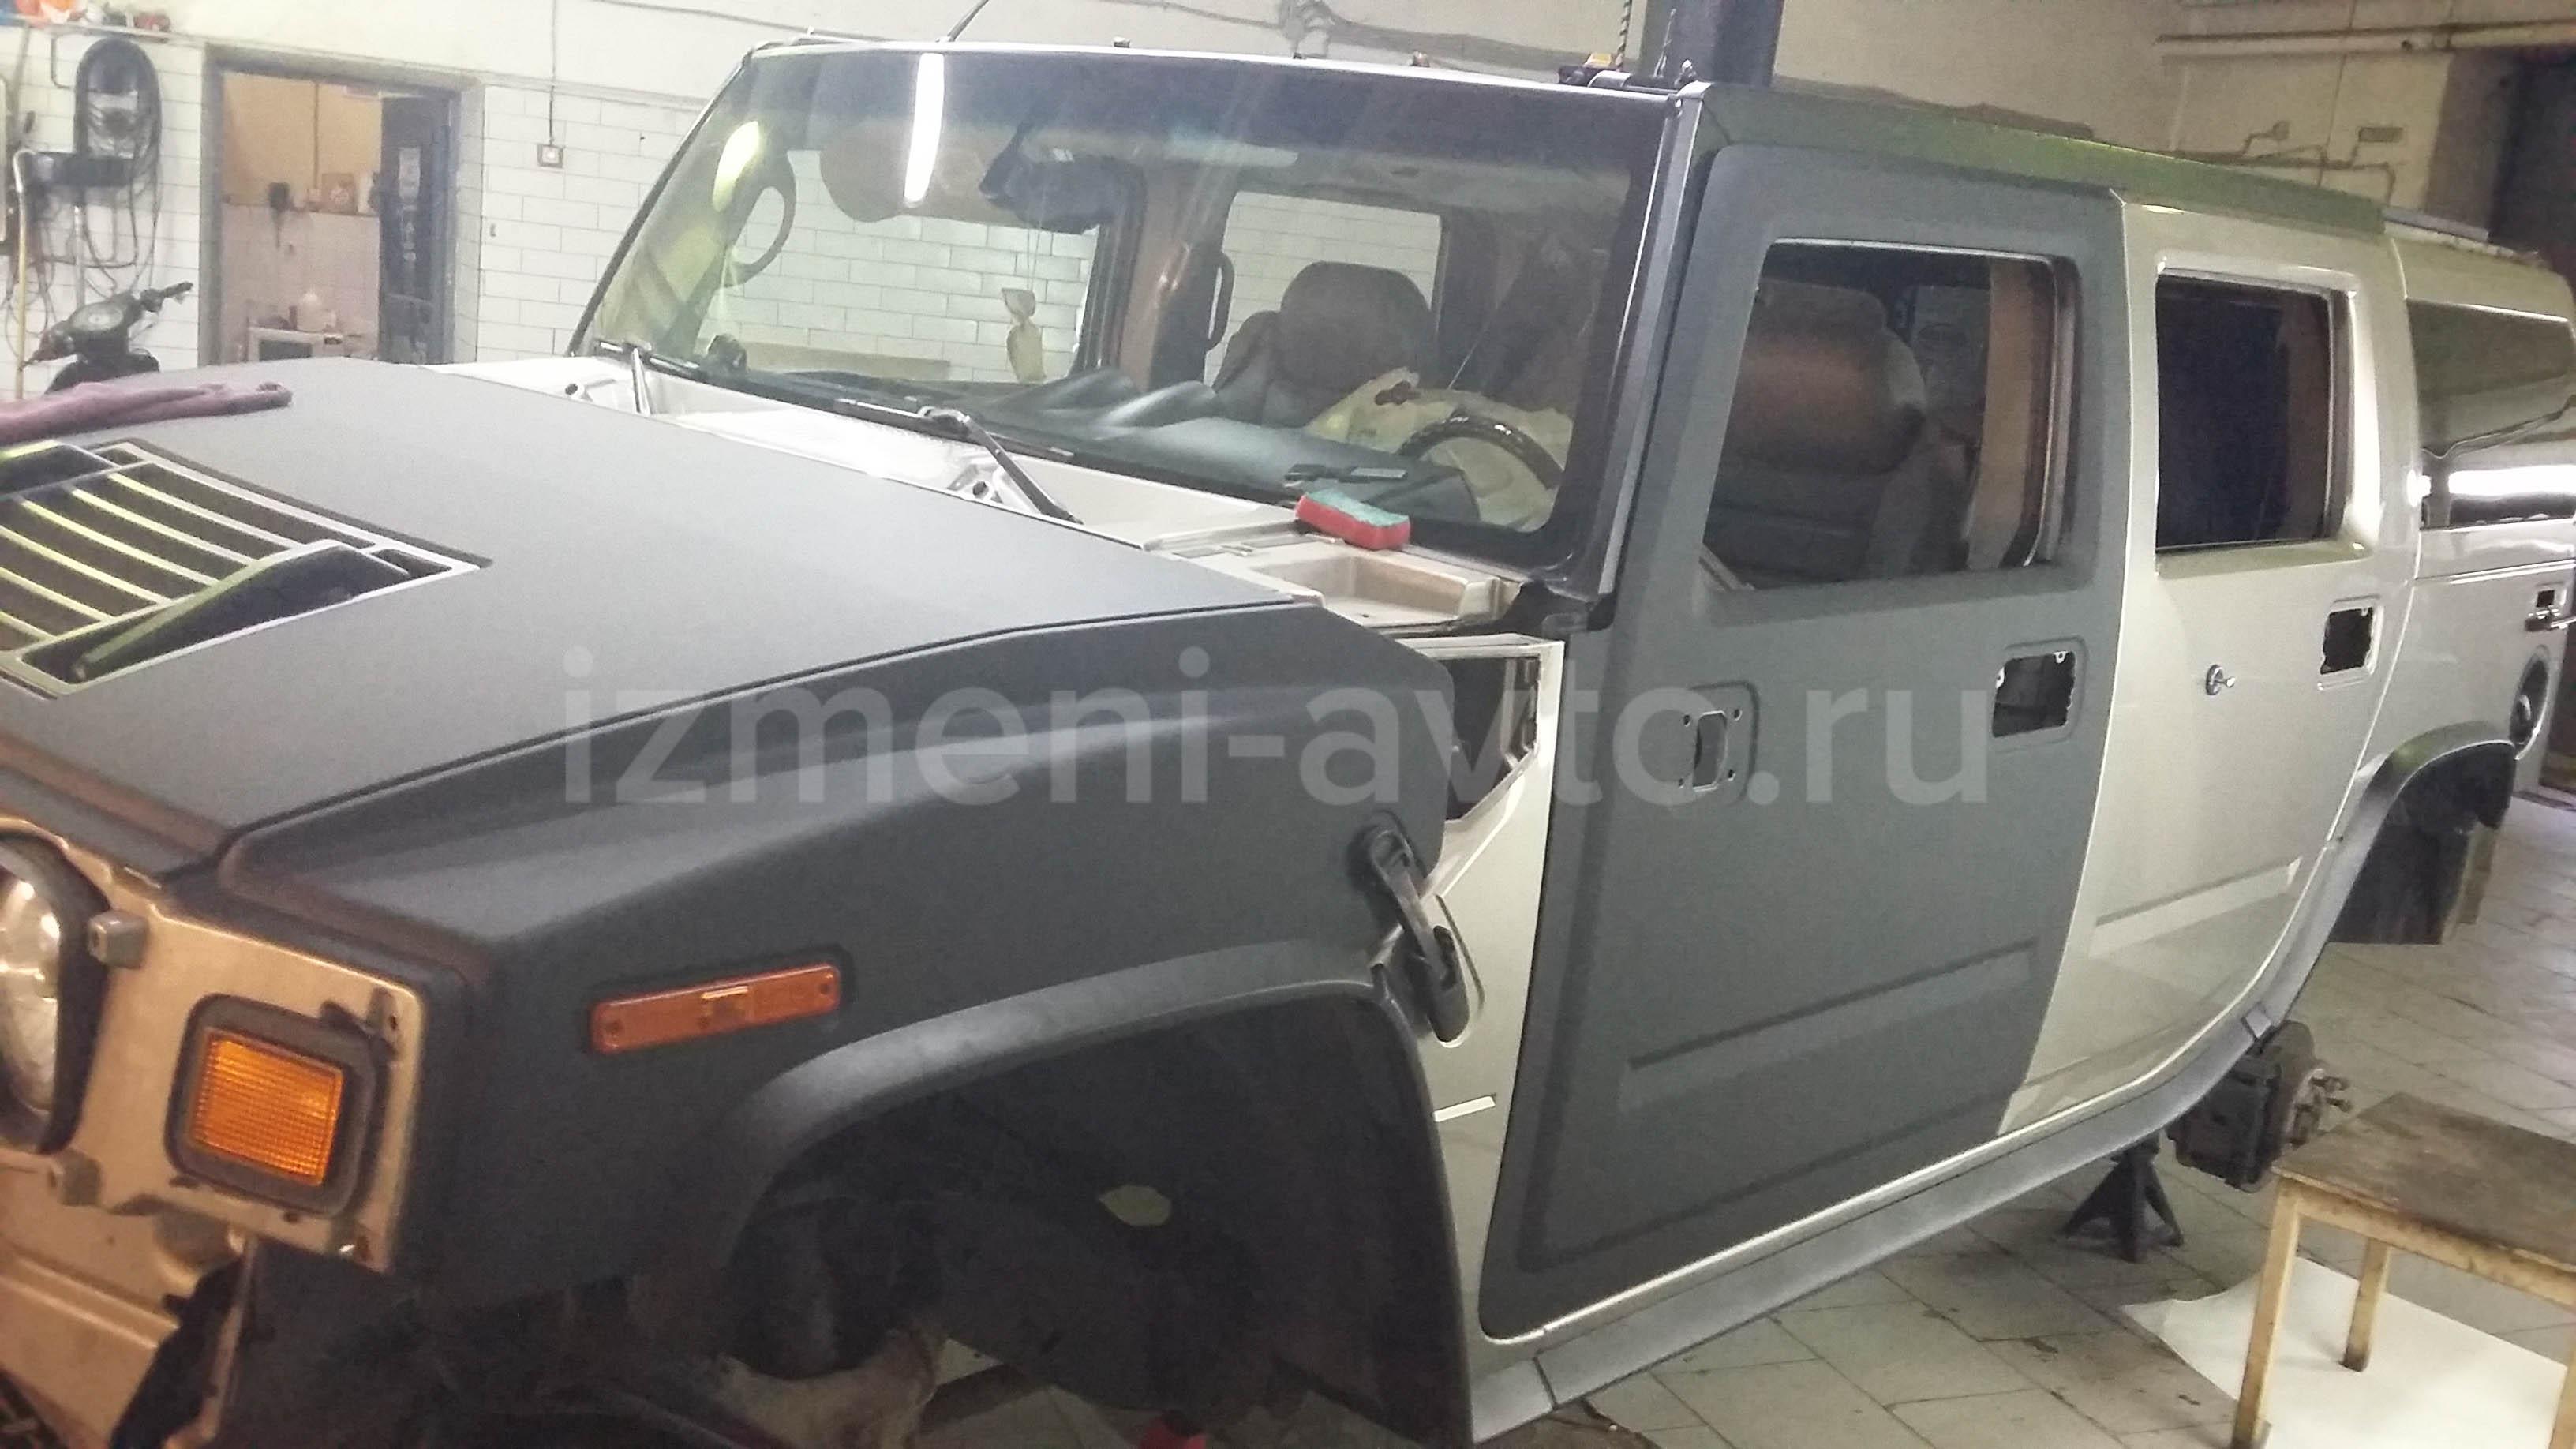 Оклейка Hummer H3 в матовую пленку в Москве - «Измени Авто»